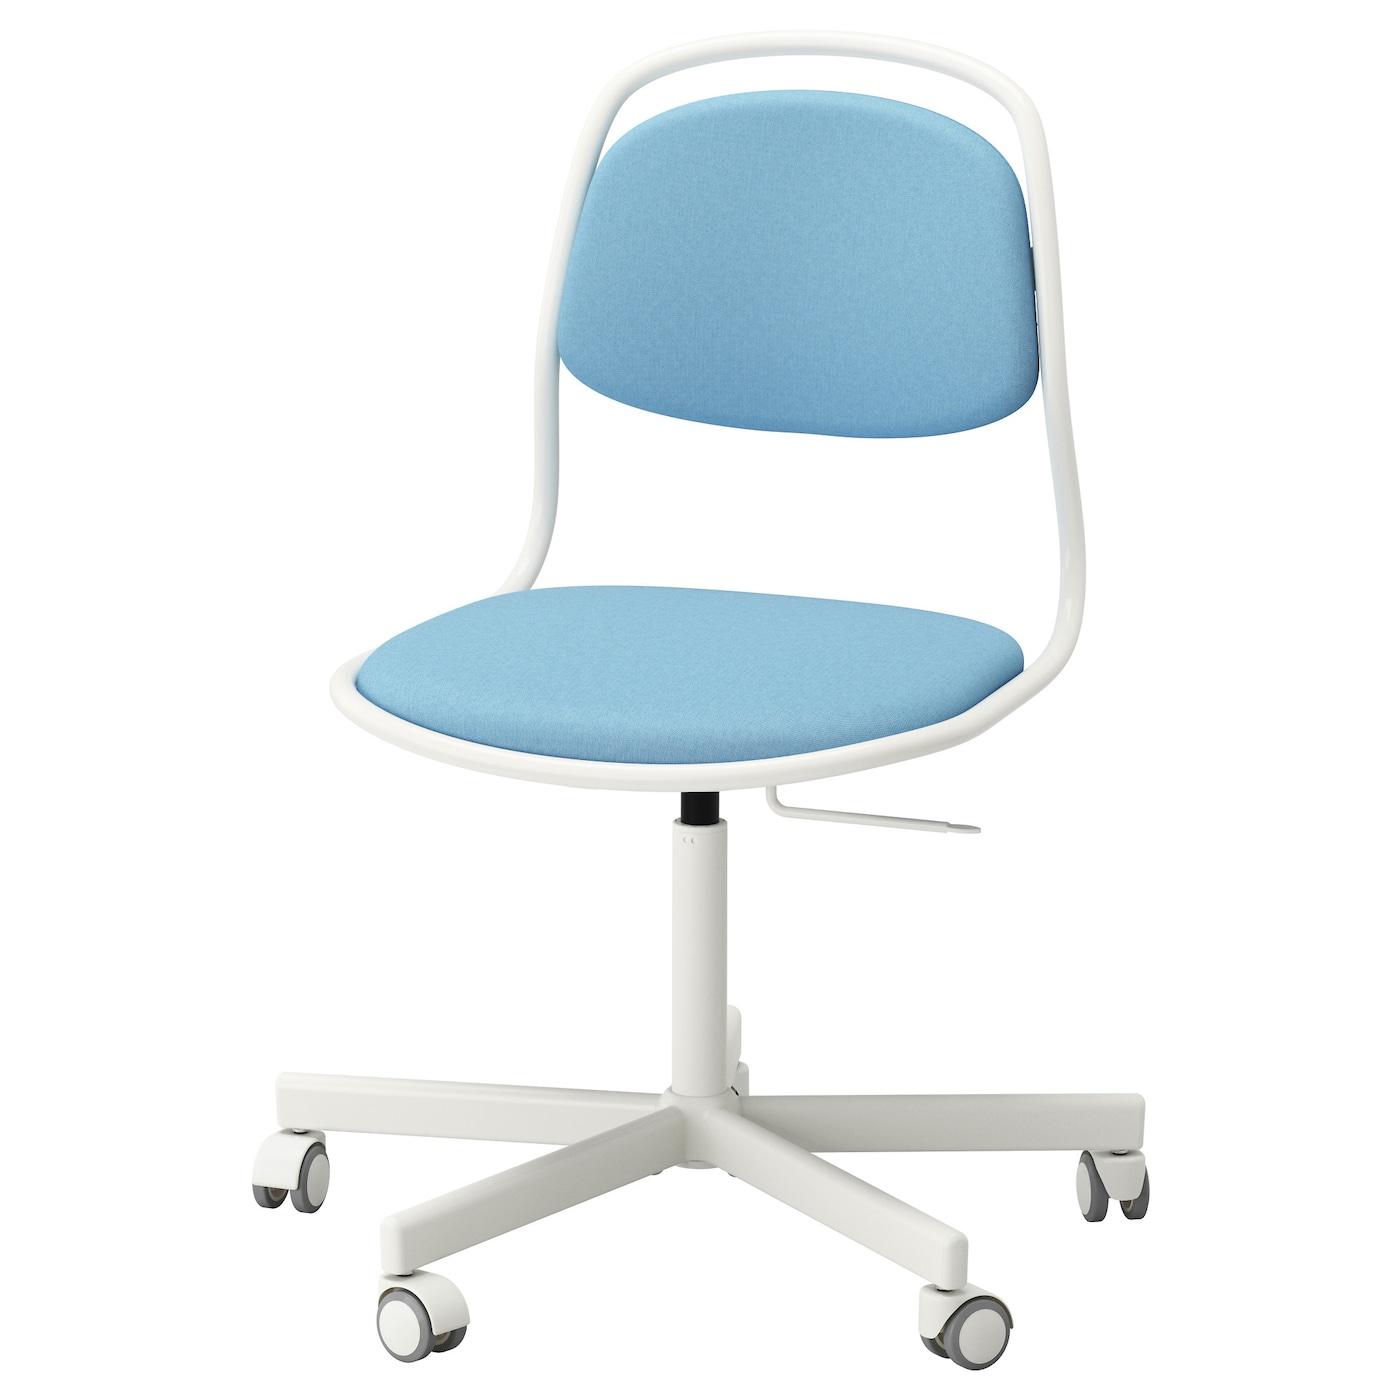 Sillas de Oficina y Sillas de Trabajo | Compra Online IKEA